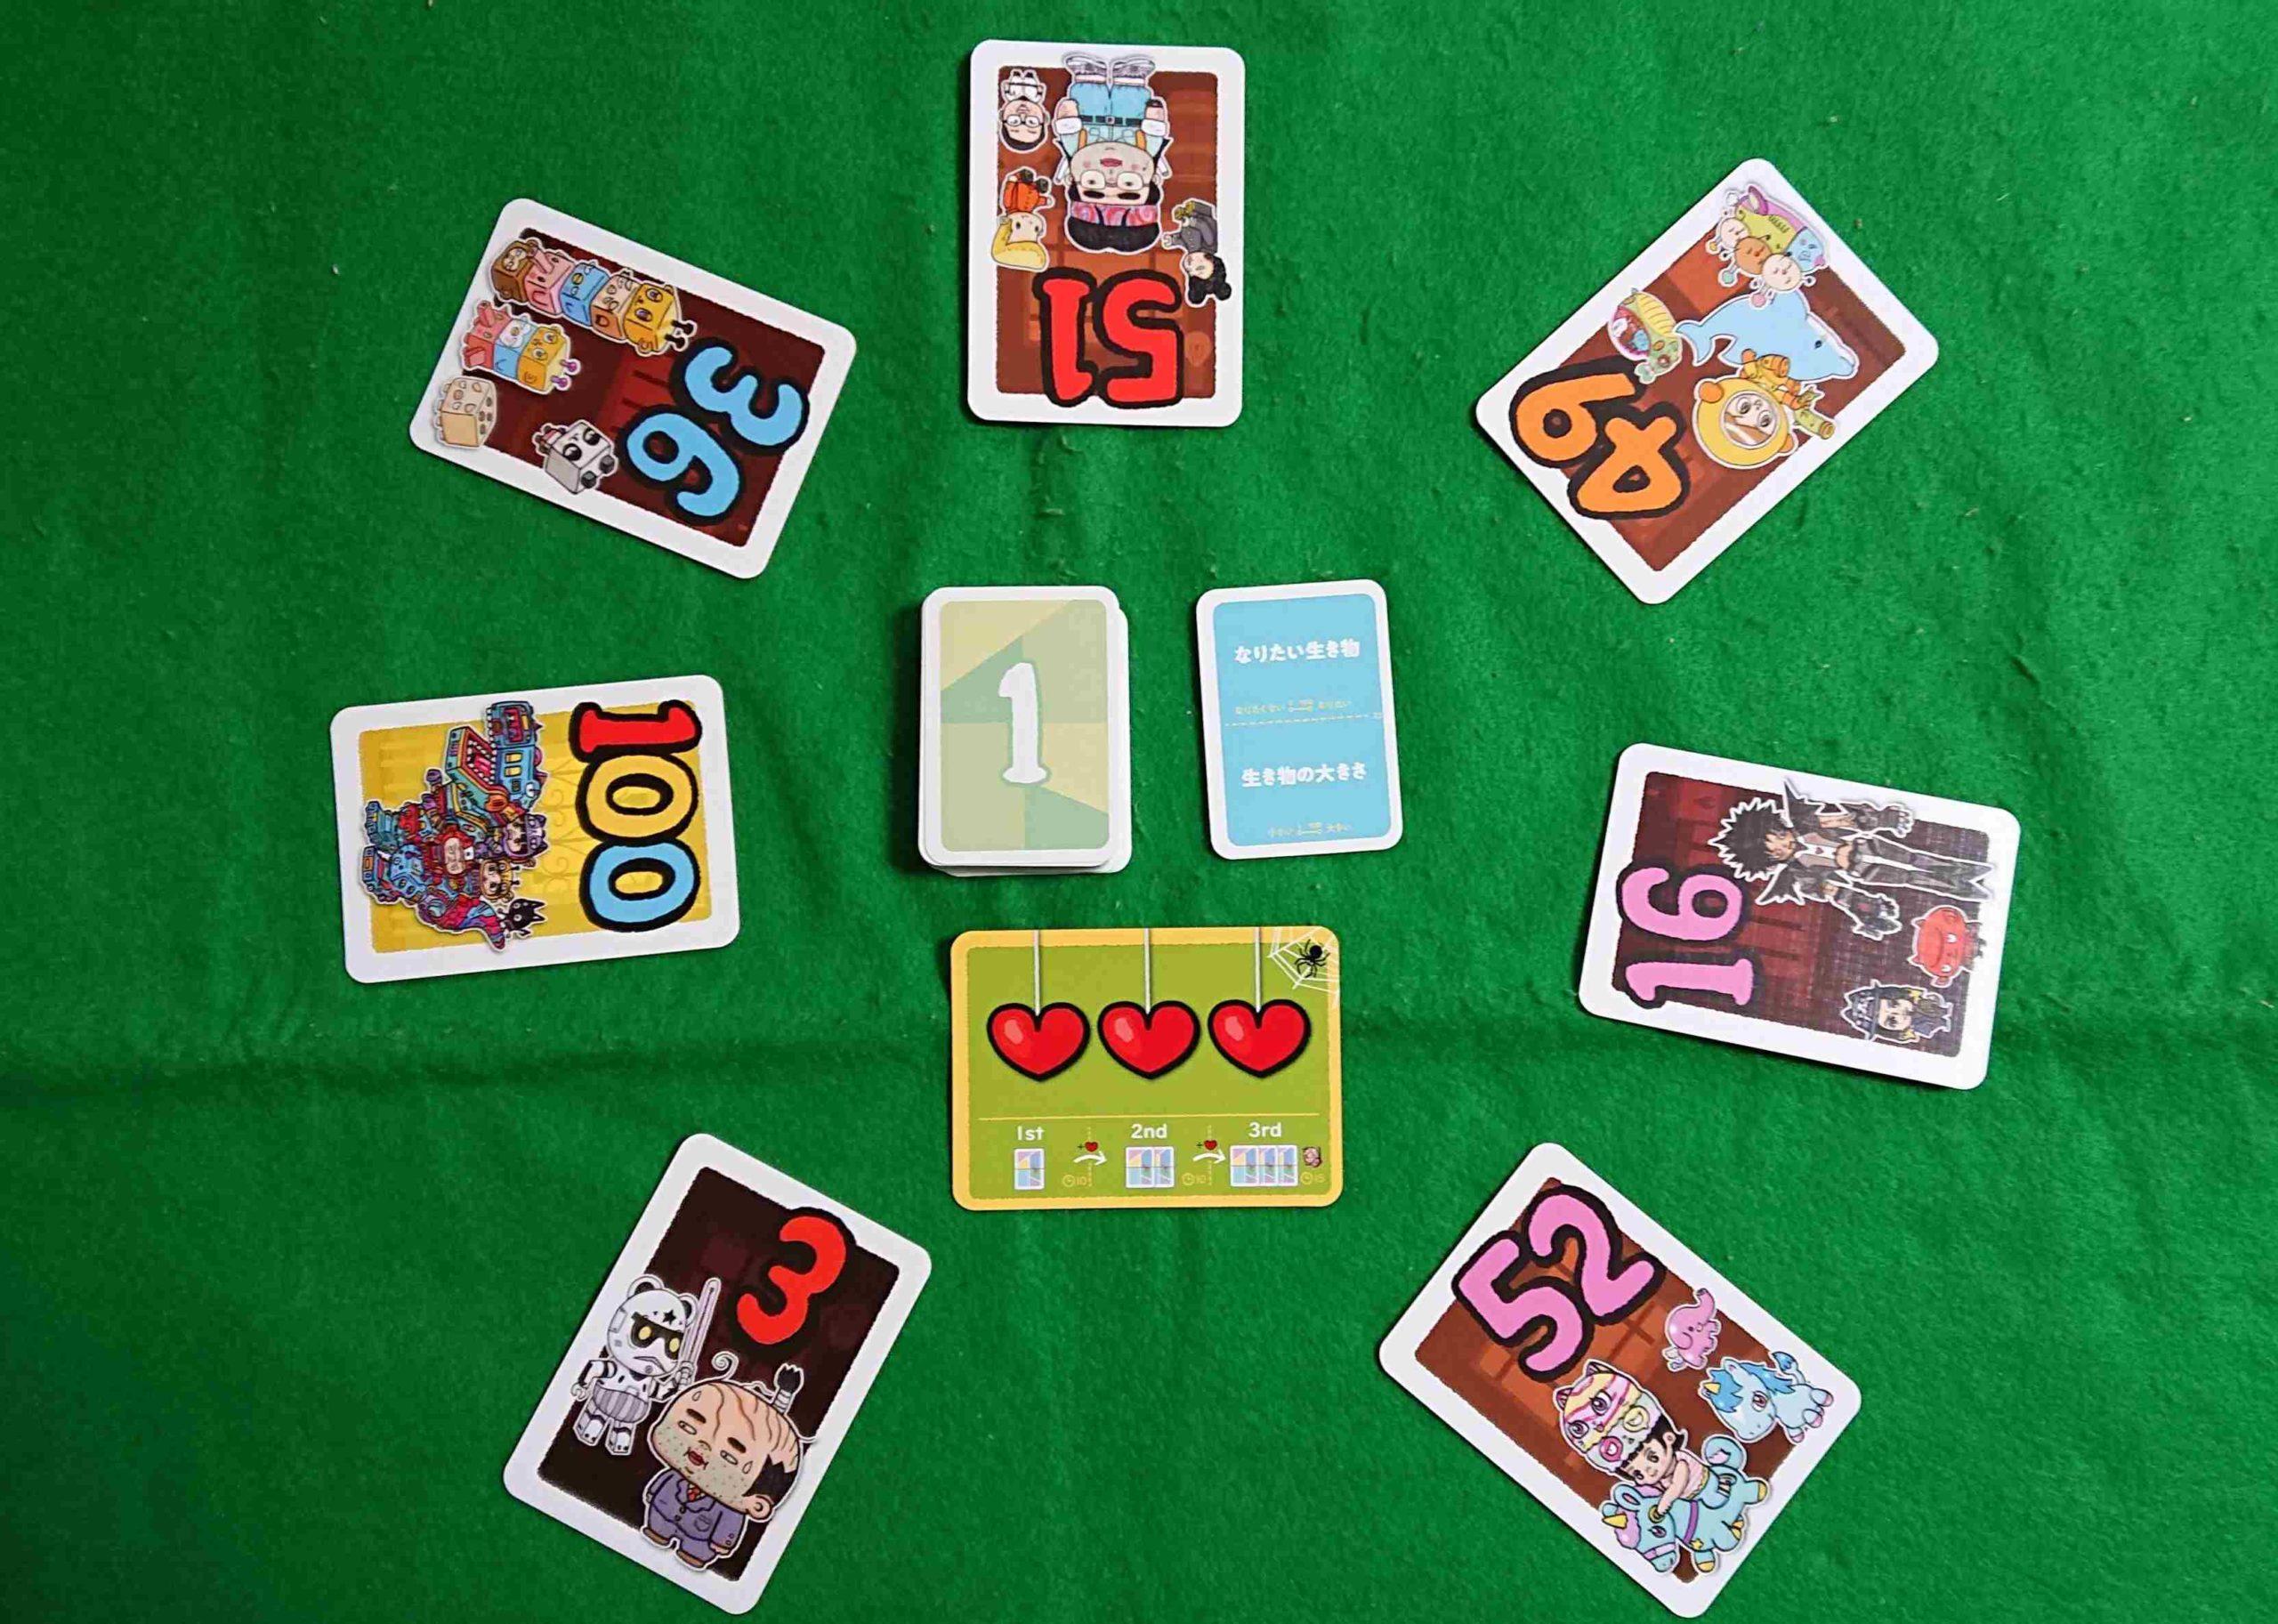 ITO ルール&レビュー 価値観の違いを楽しもう! 協力系 ボードゲーム